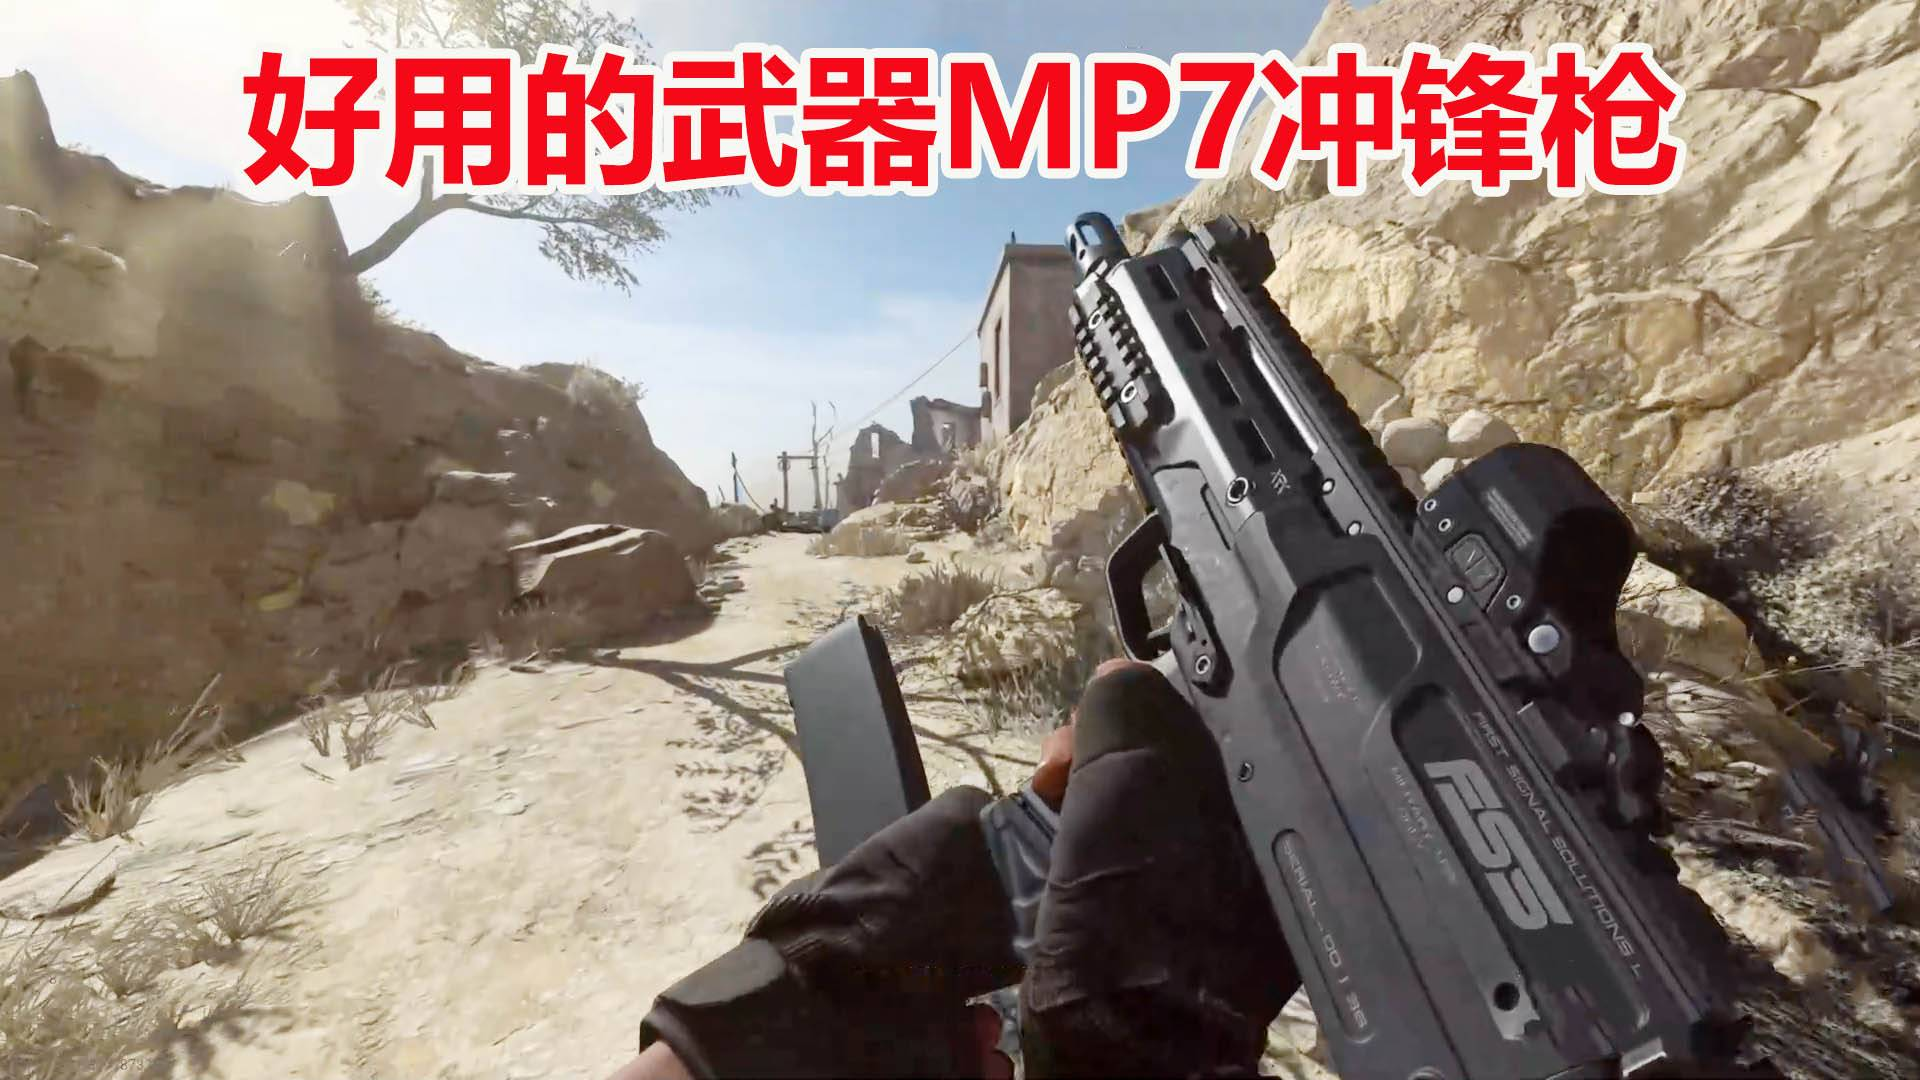 使命召唤16:MP7冲锋枪,本赛季最好用的武器,击杀能力超强